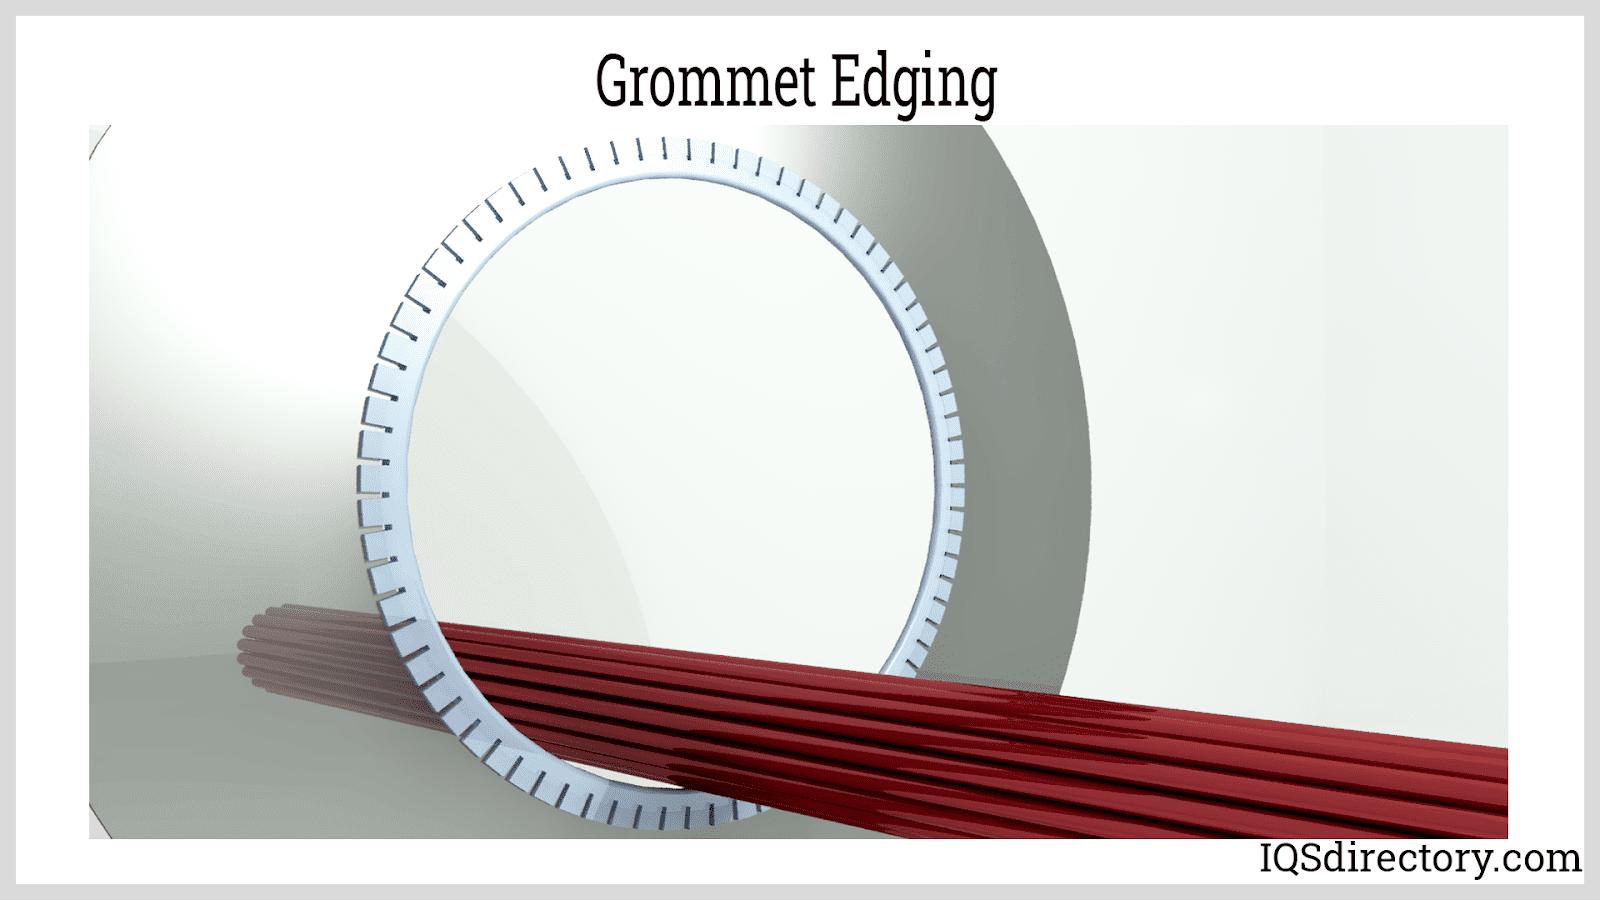 Grommet Edging